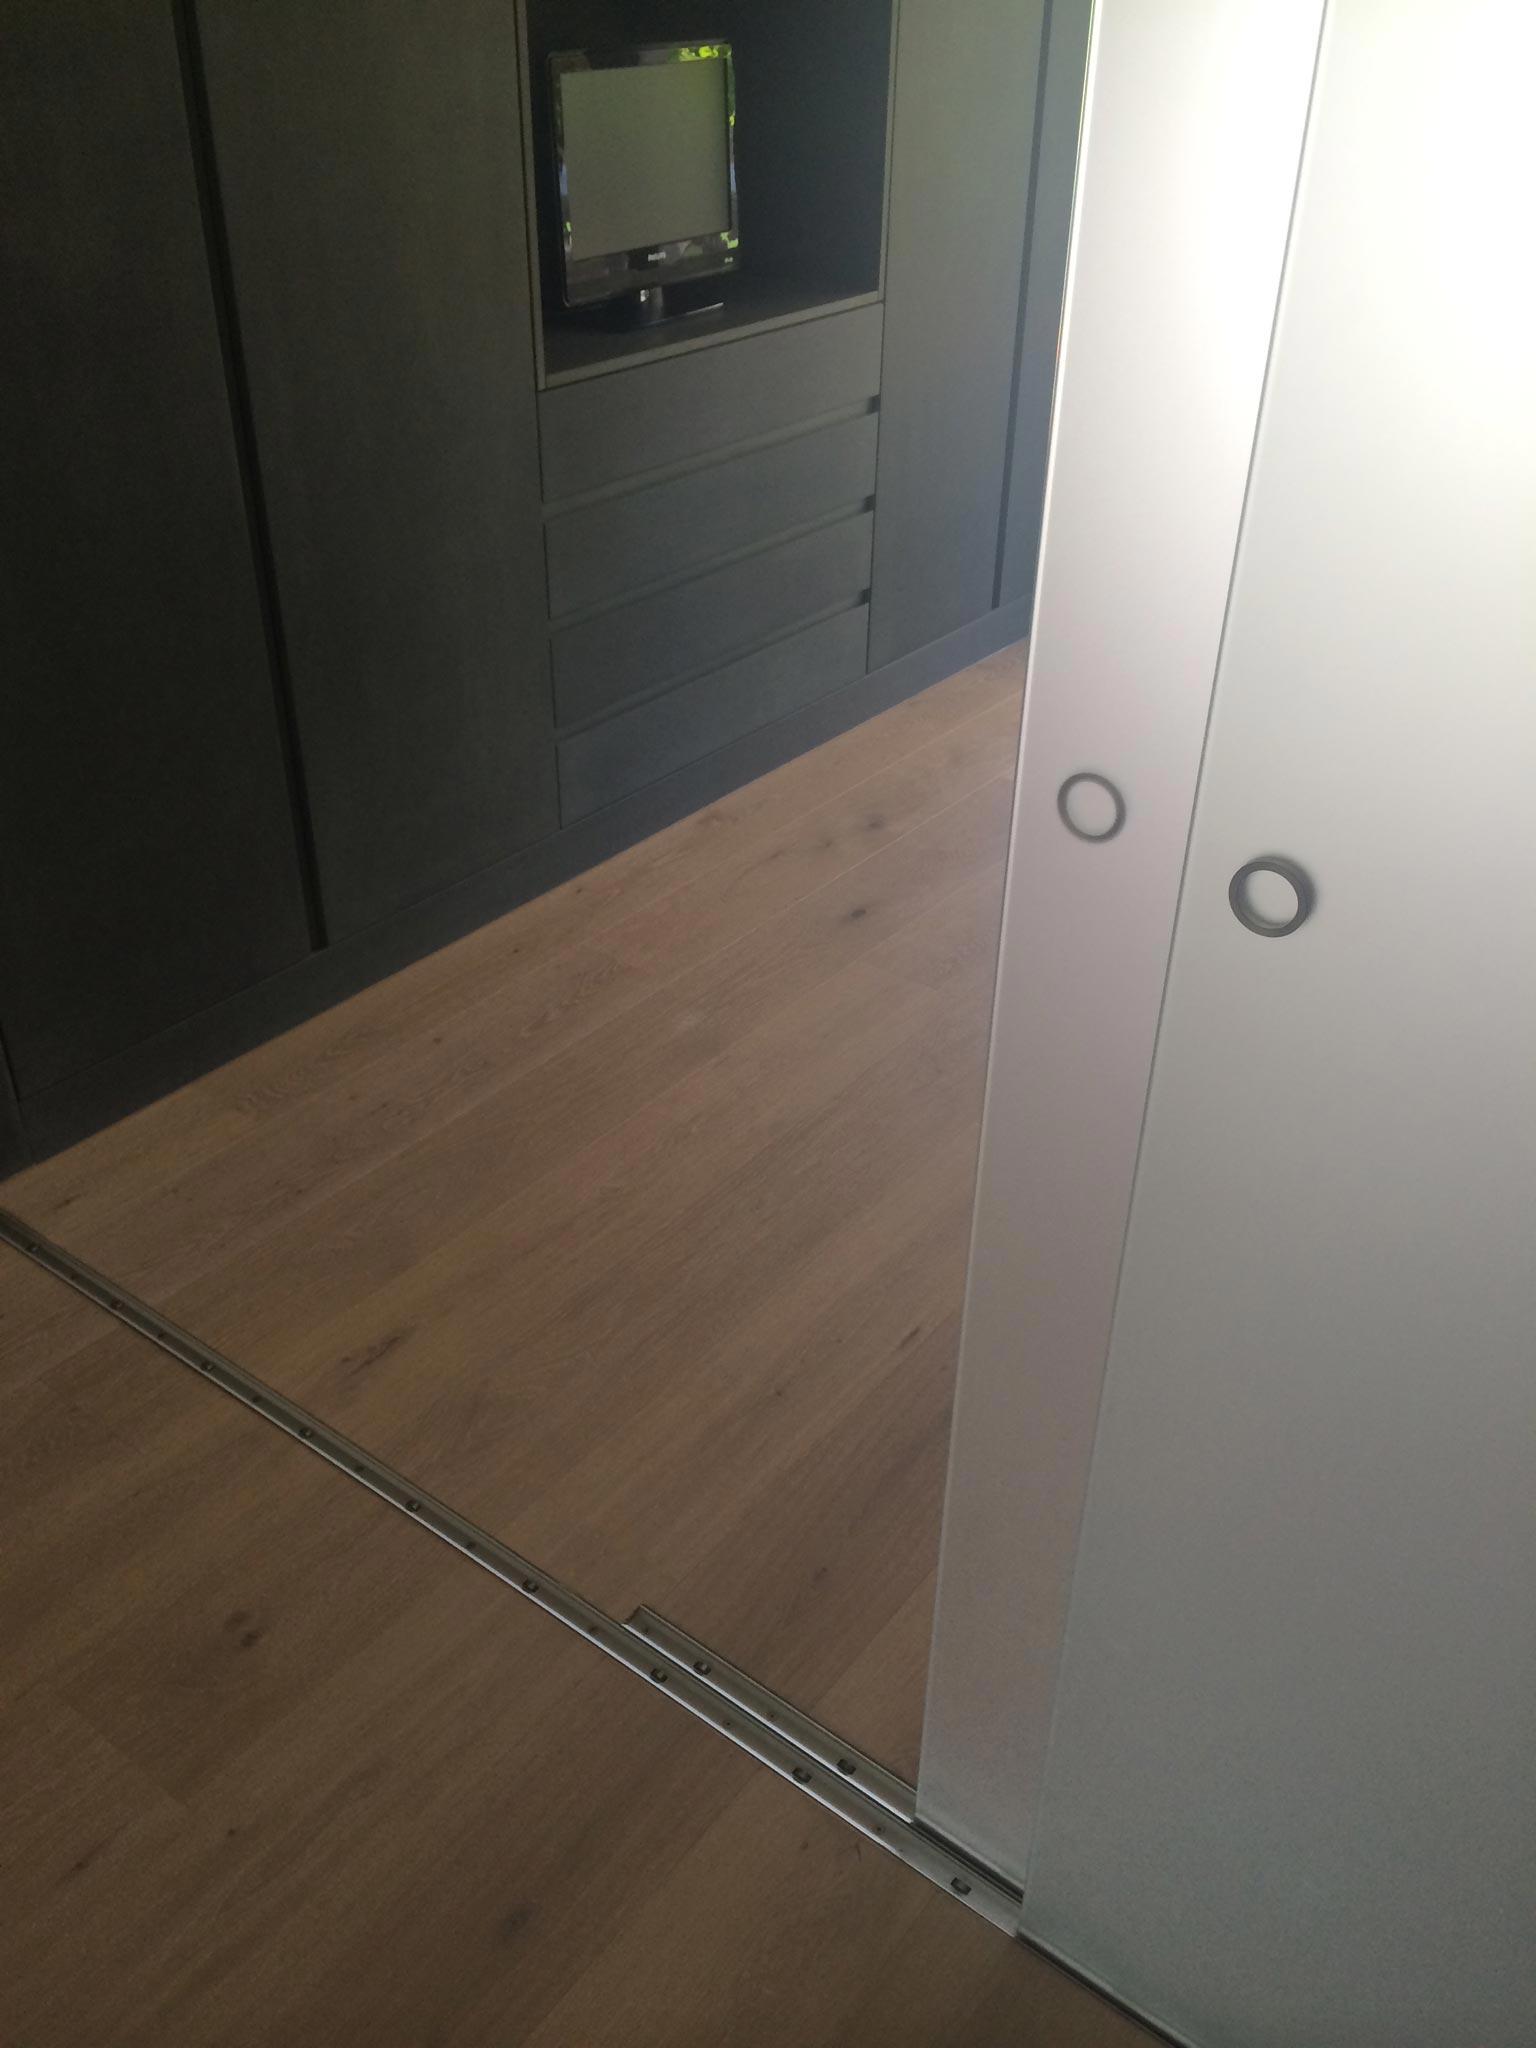 ES Bru 3680 chambre vtc 20 05 015 - Une pièce modulable à Fully (Bj)